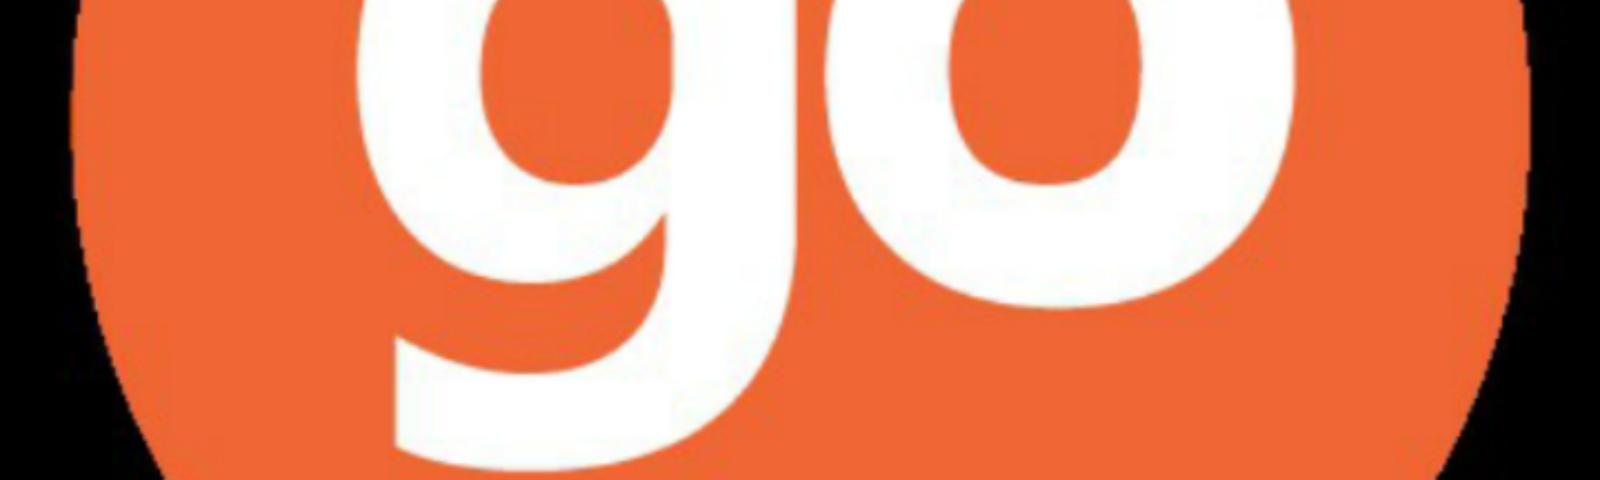 Goibibo logo clipart clip free Goibibo Tech – Backstage clip free